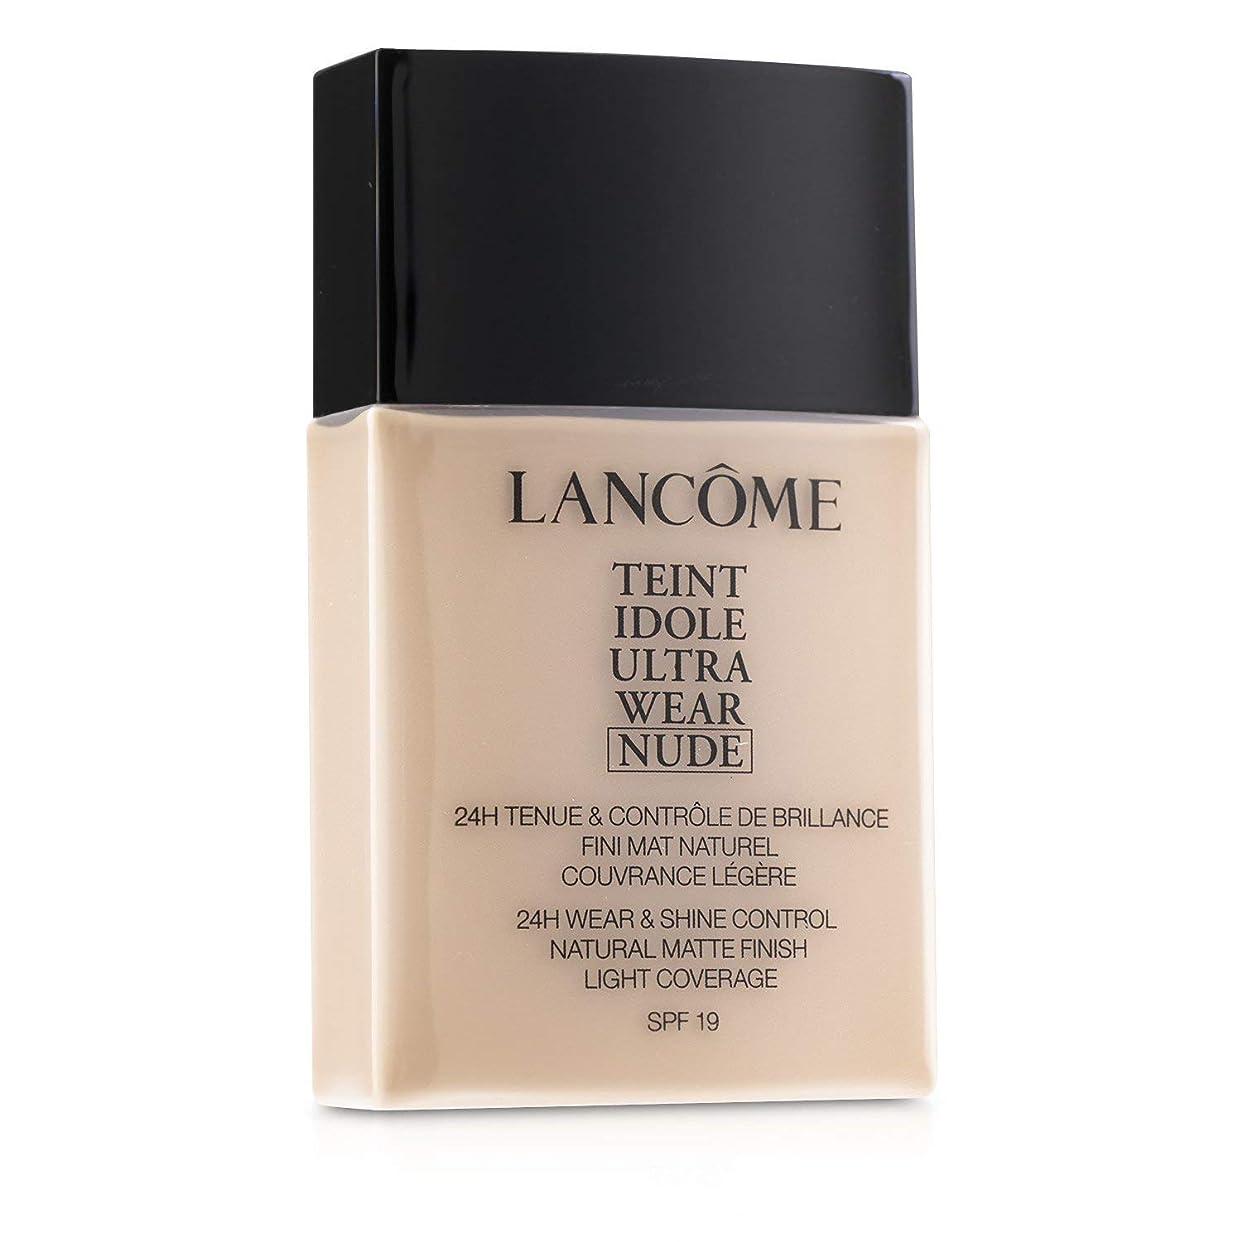 取り除く変化するレシピランコム Teint Idole Ultra Wear Nude Foundation SPF19 - # 02 Lys Rose 40ml/1.3oz並行輸入品